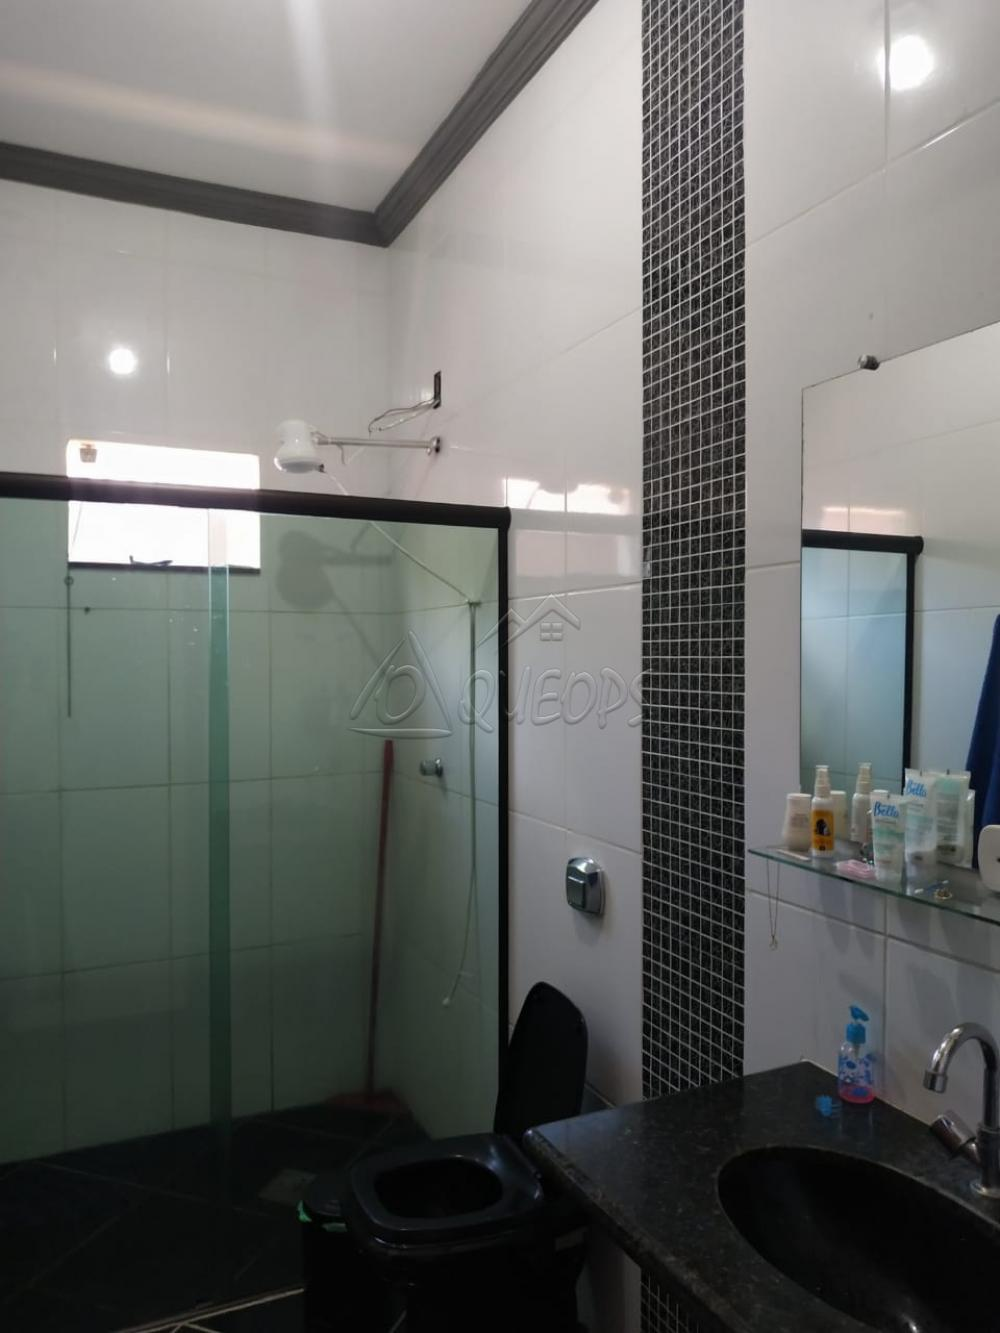 Comprar Casa / Padrão em Barretos apenas R$ 320.000,00 - Foto 11